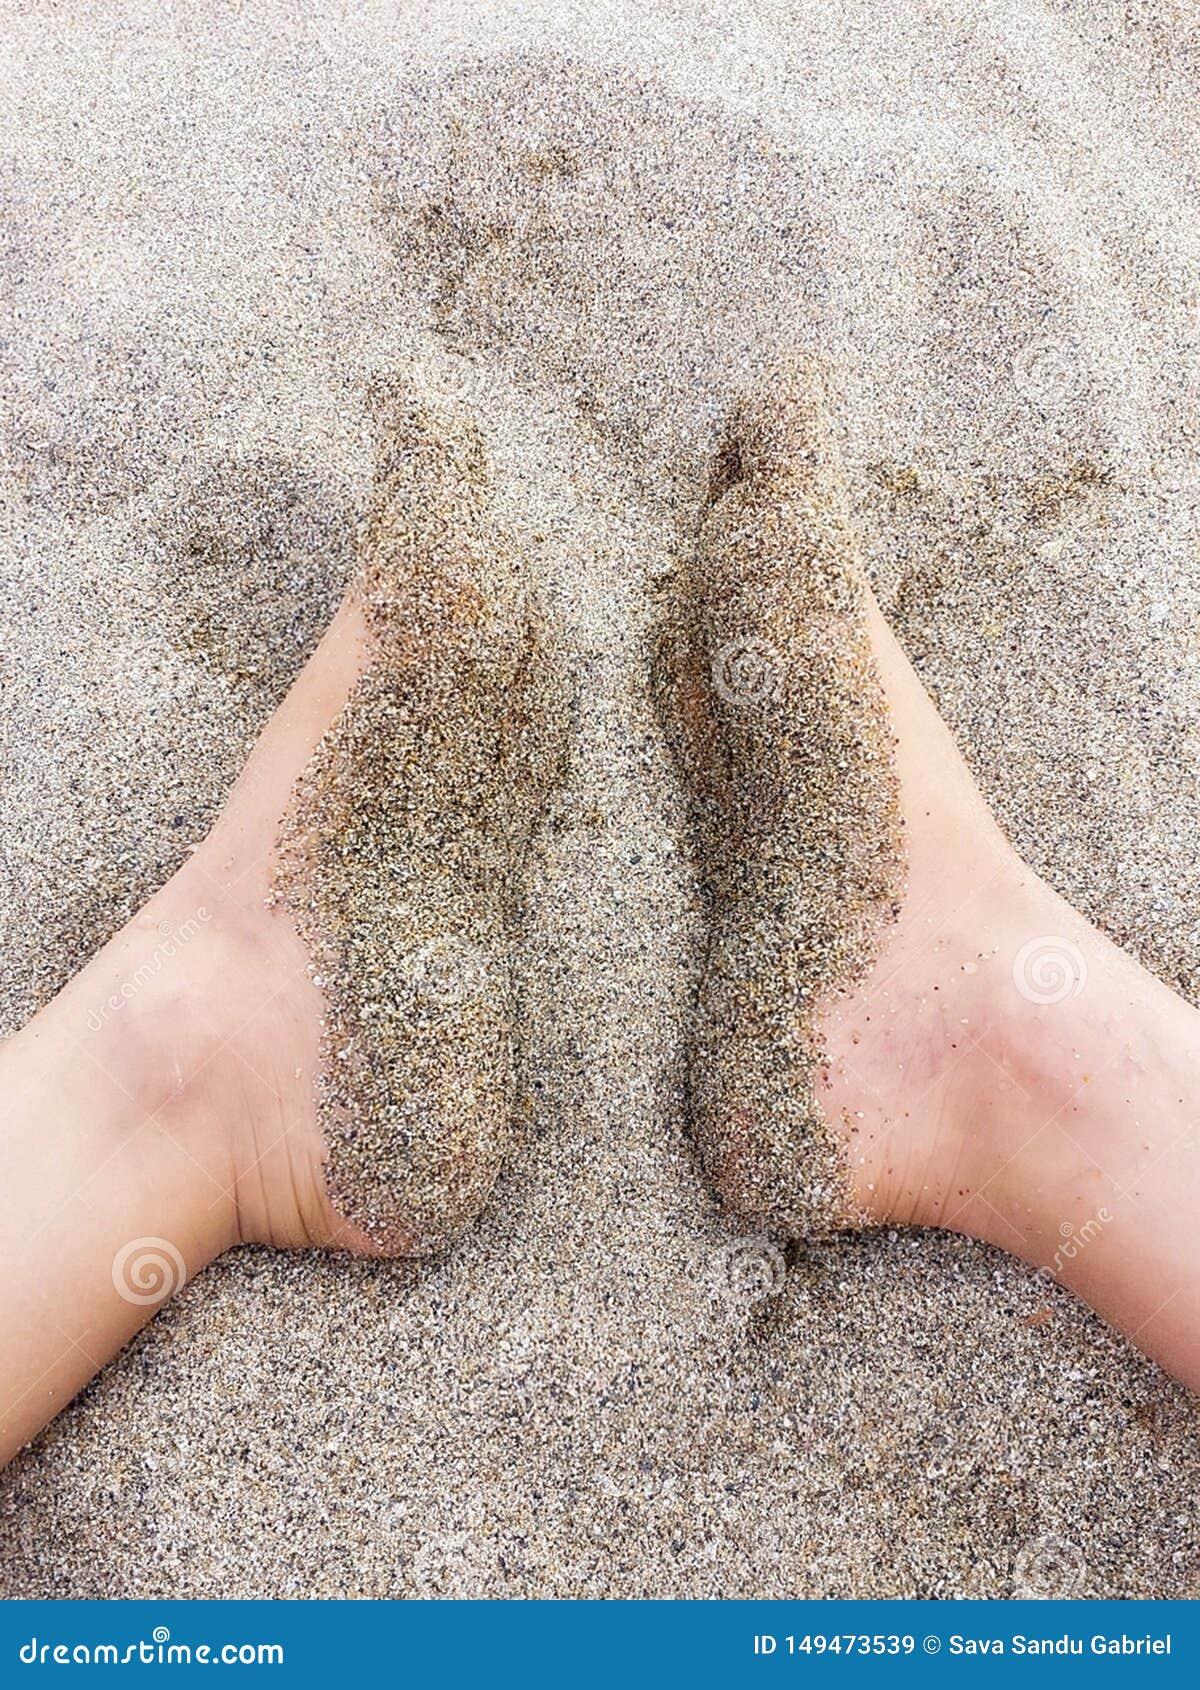 Πέλματα των ποδιών που καλύπτονται με την ξηρά άμμο